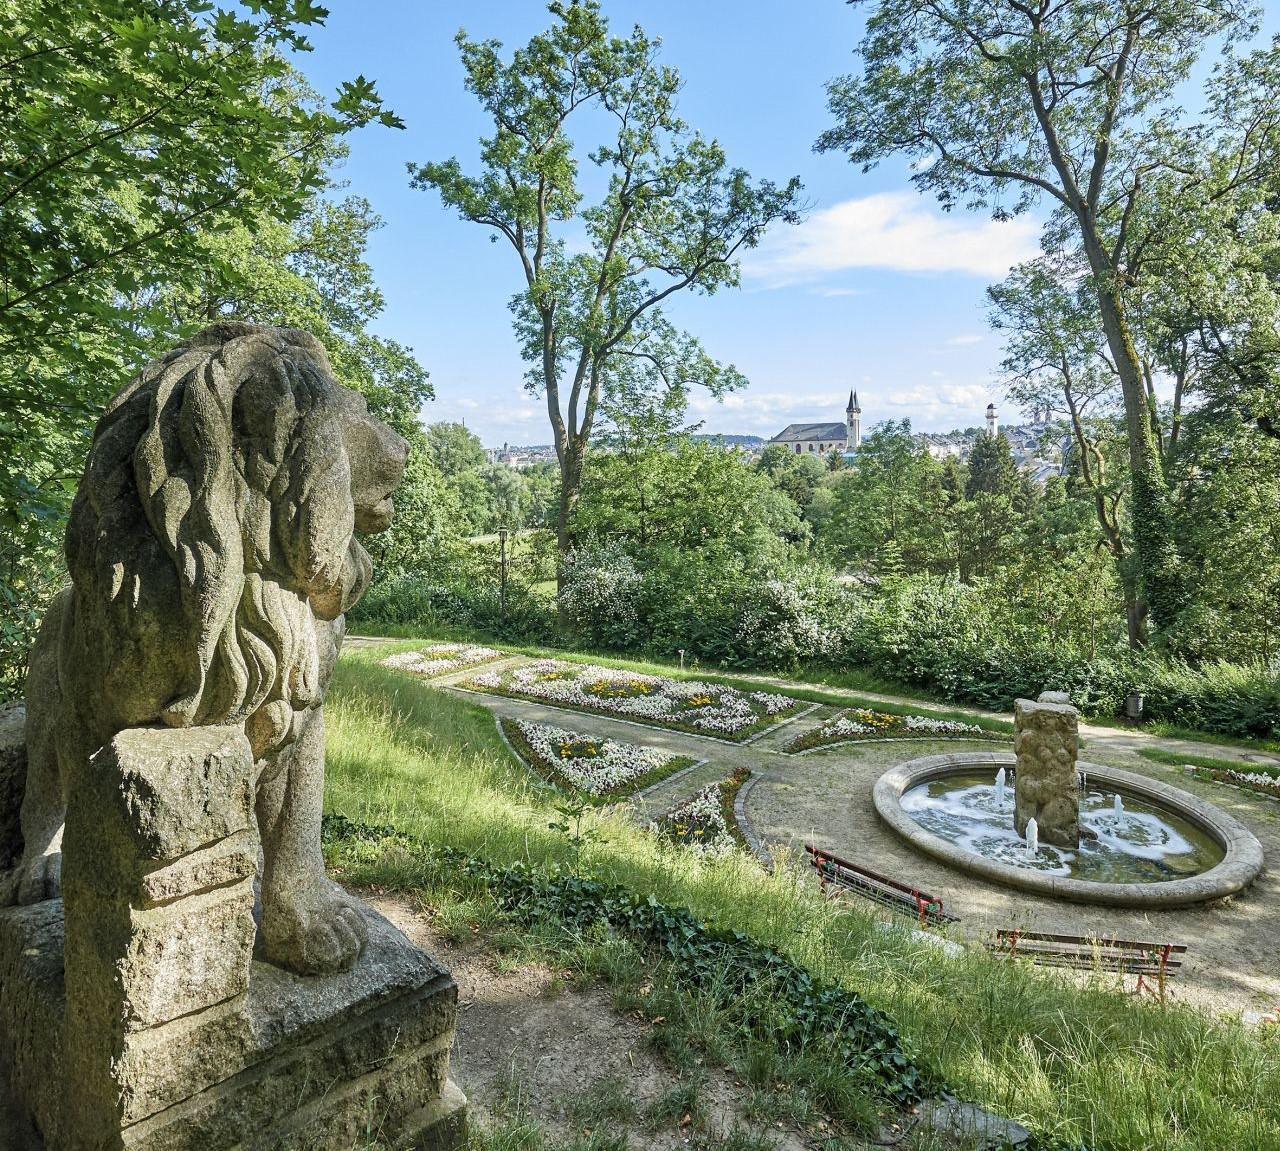 Des Bürgerpark Theresienstein in Hof gilt als einer der schönsten Bürgerparks Deutschlands.